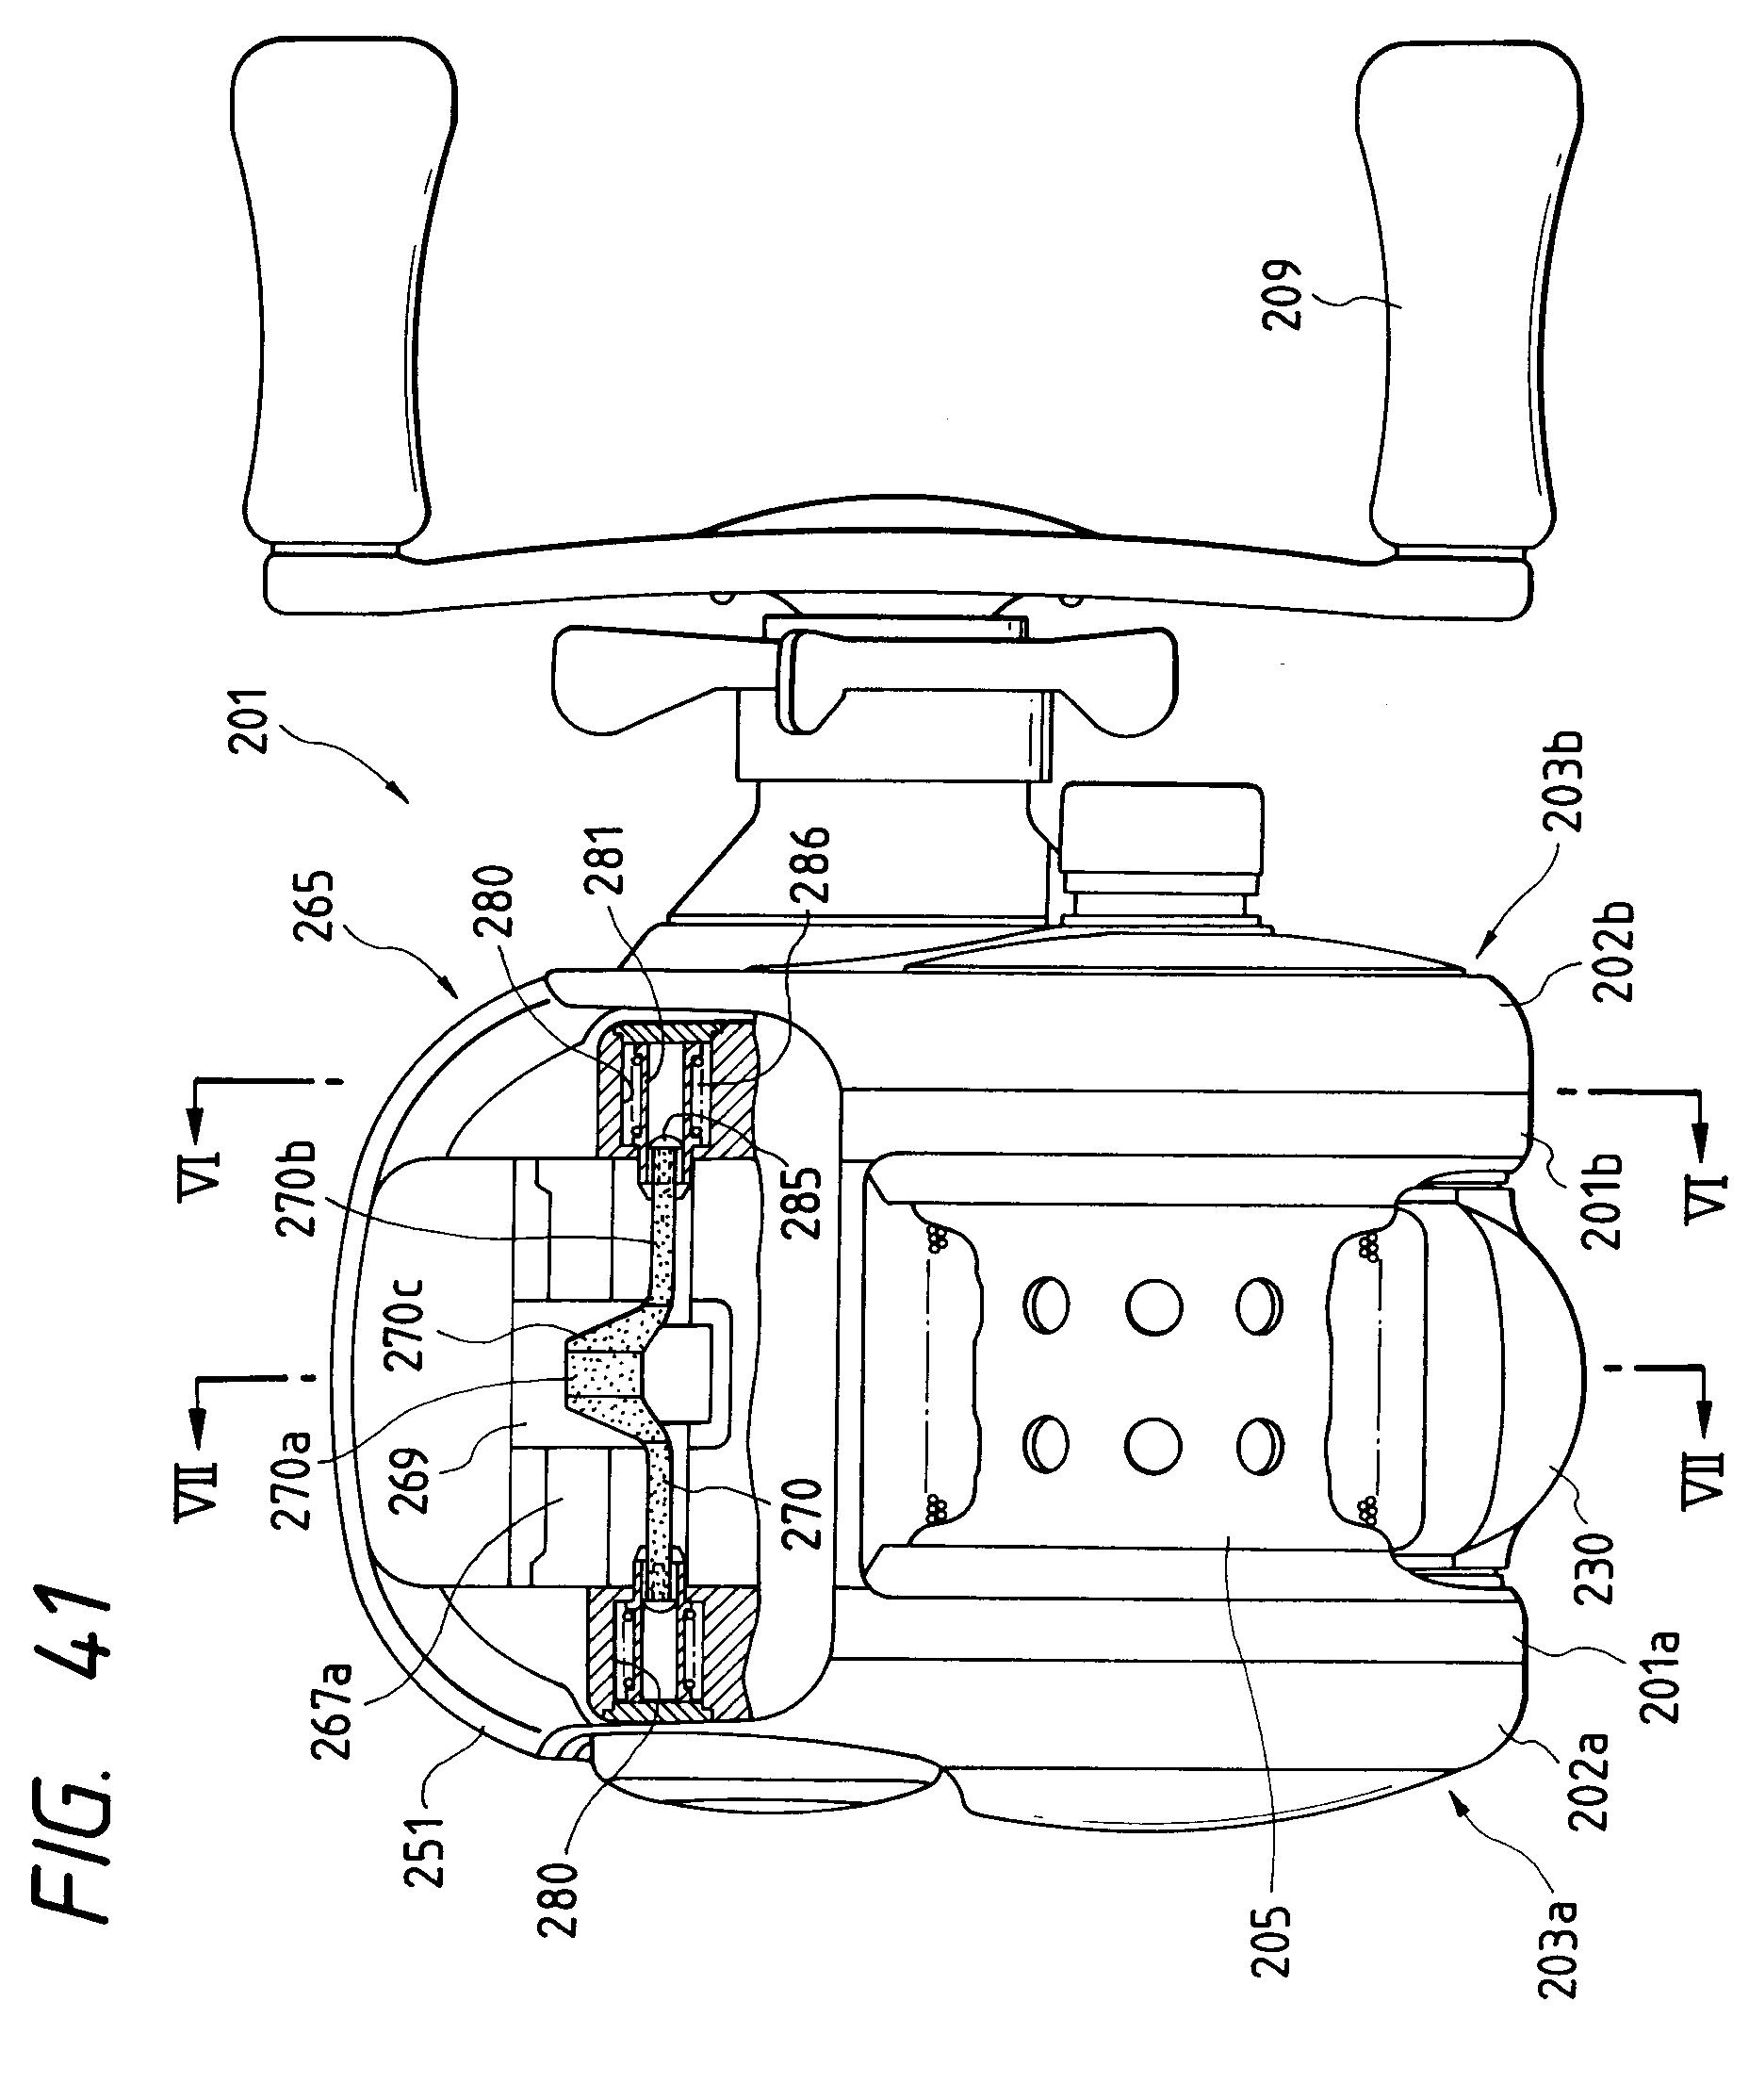 专利ep0865730a2 - fishline guide device for